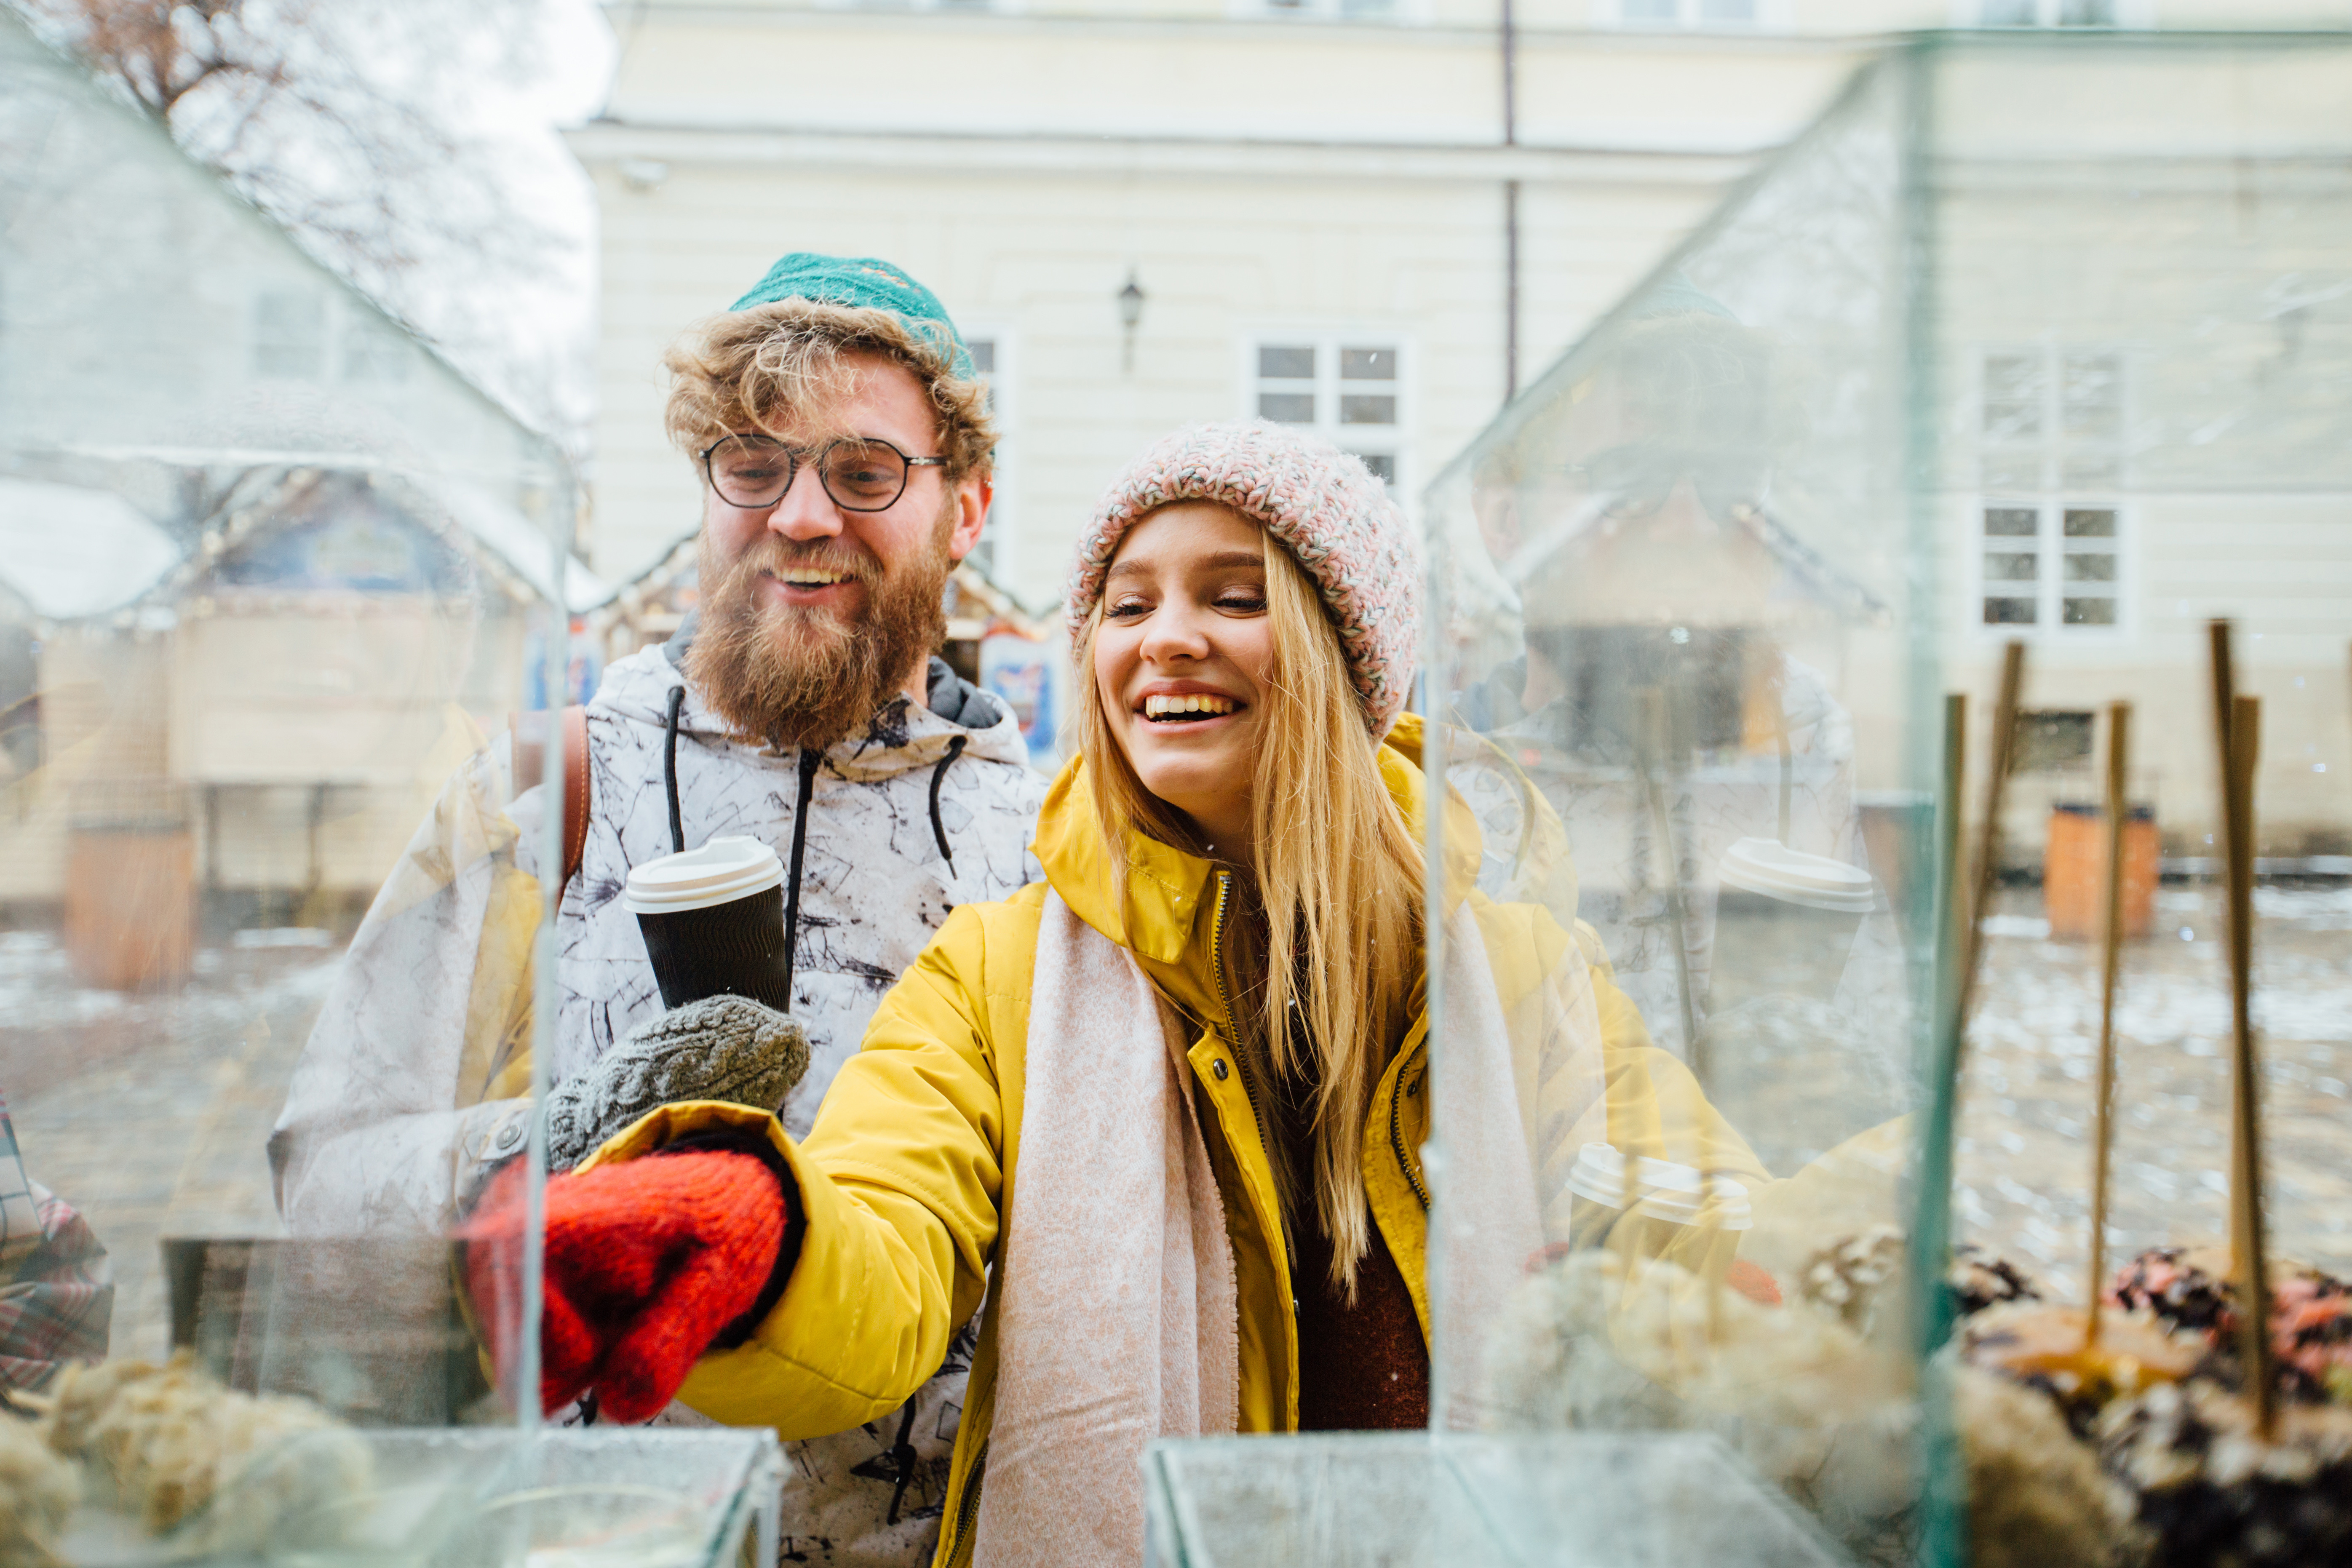 Schaufensterdekoration und Auslagengestaltung